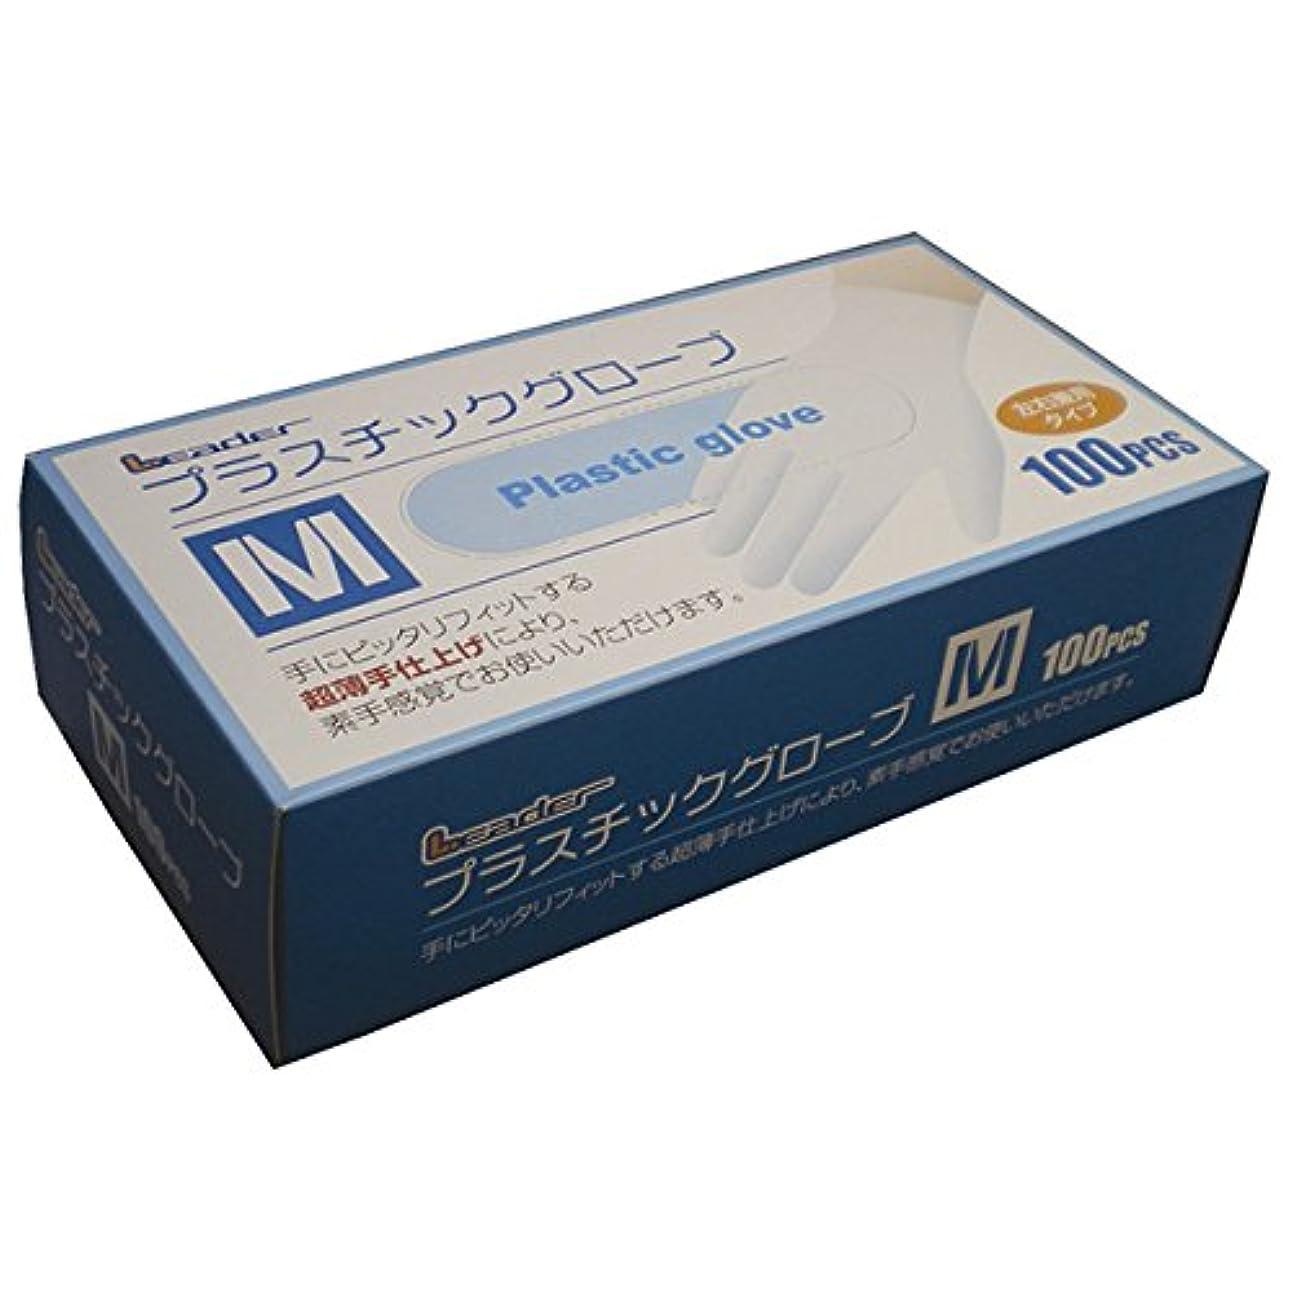 角度失目指す日進医療器株式会社:LEプラスチックグローブMサイズ100P 10個入 784492